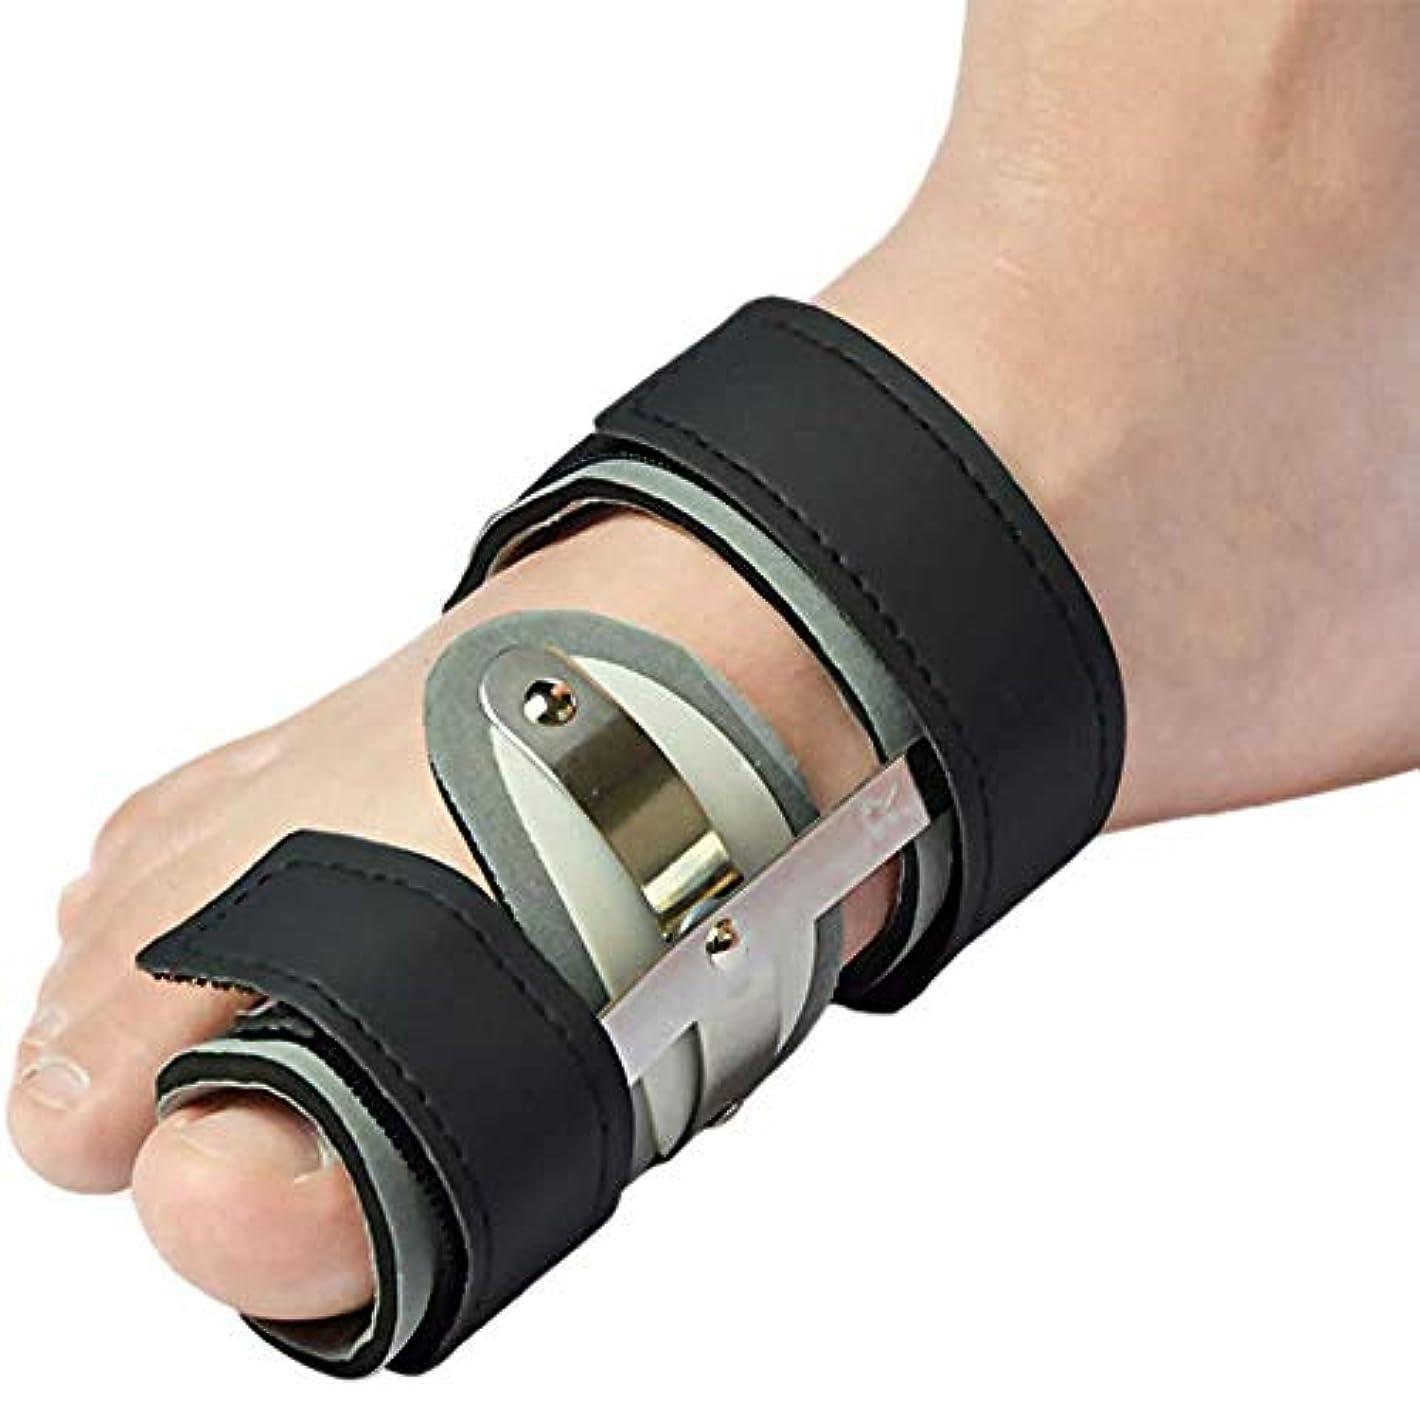 アレルギー審判罹患率つま先サポート、大きなつま先矯正、快適で ゲルつま先セパレーター、高弾性、腱膜瘤の痛みを軽減,Right Foot